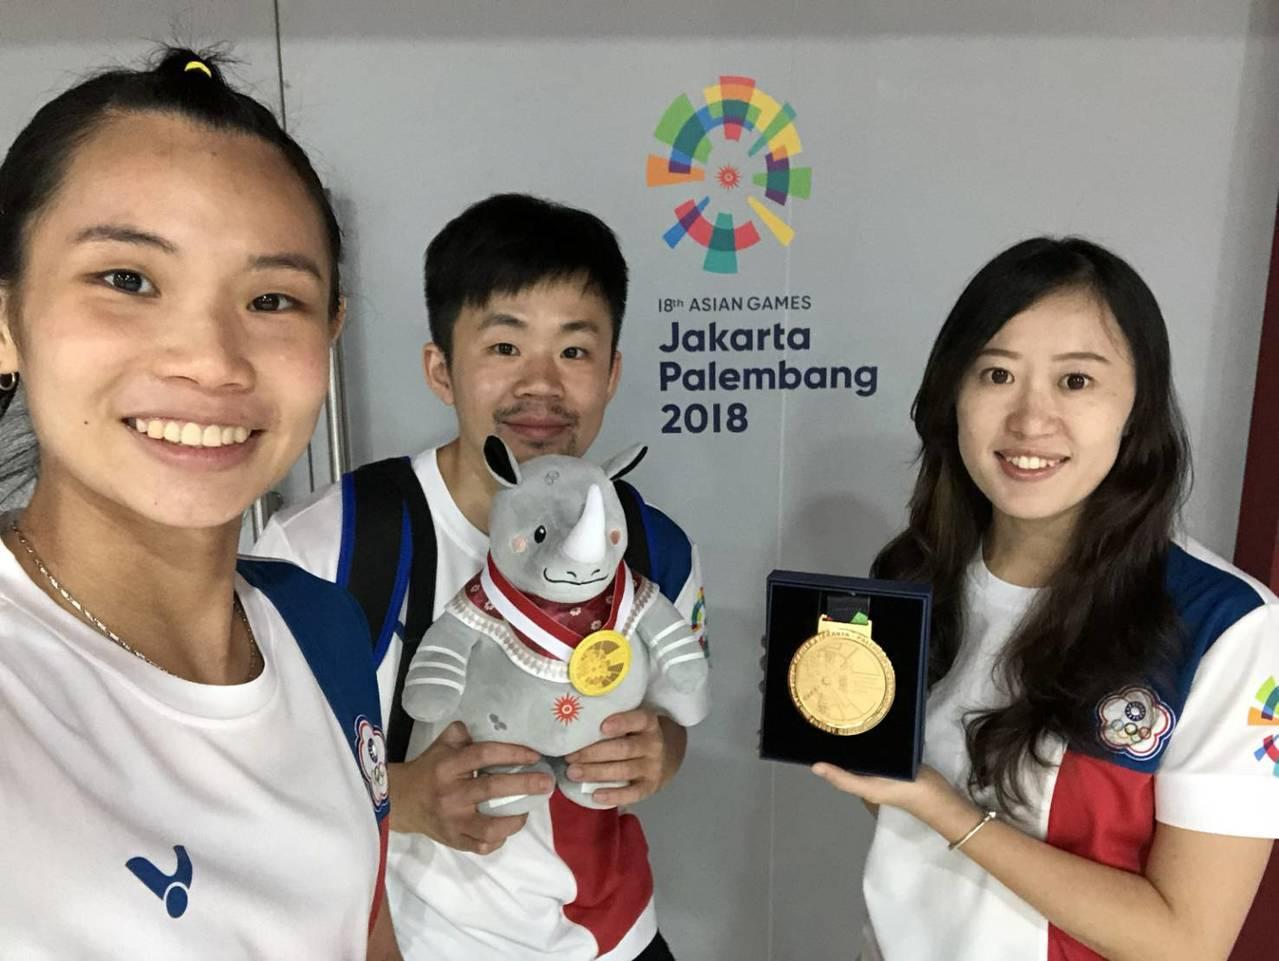 世界球后戴資穎(左)、教練賴建誠(中)與防護師陳盈璇(右)。圖/長庚醫院提供